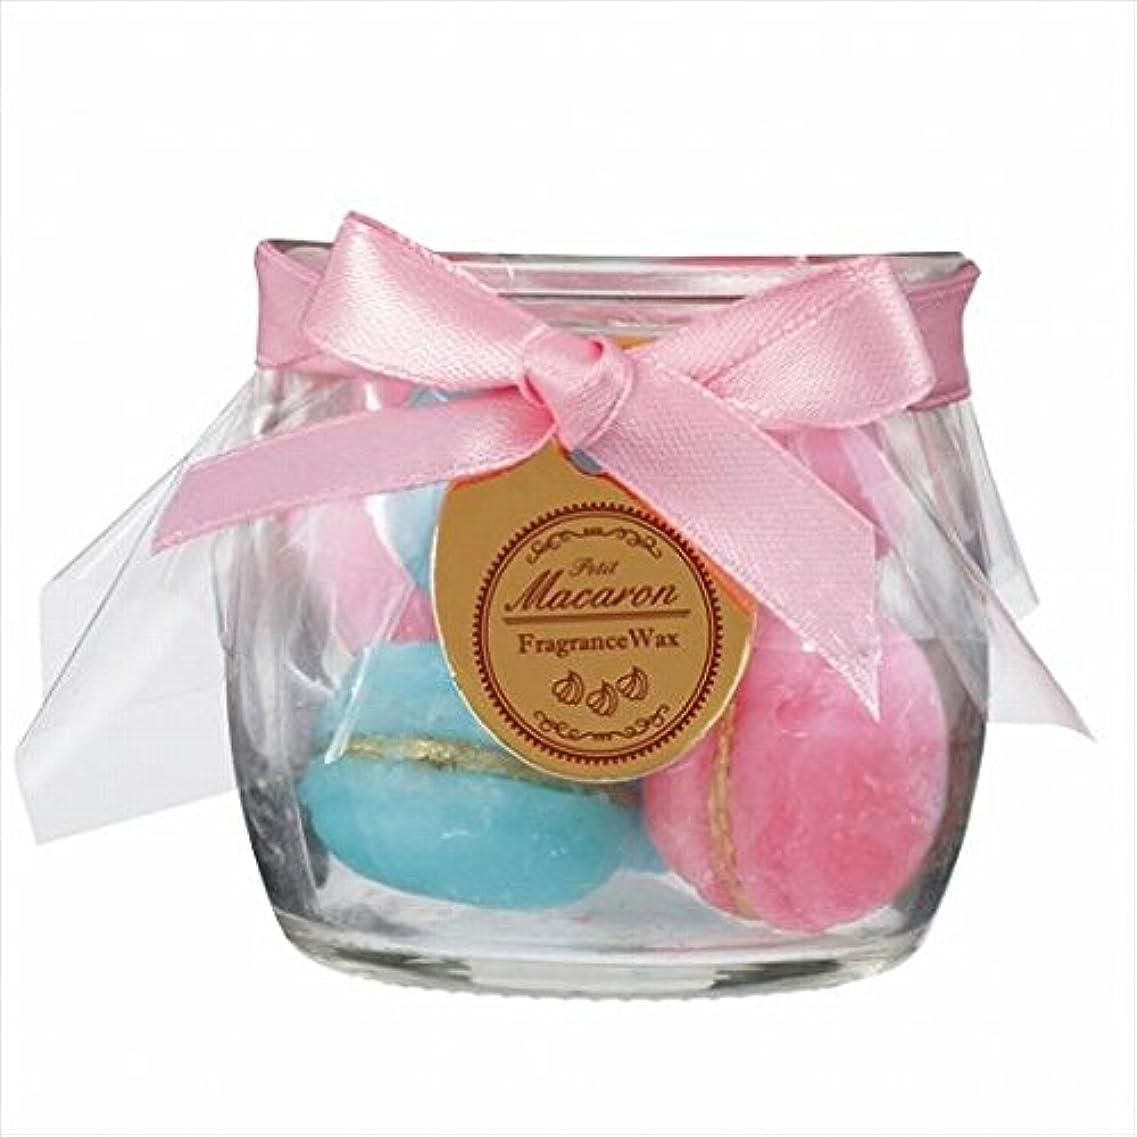 受け入れるタイムリーなファウルスイーツキャンドル( sweets candle ) プチマカロンフレグランス 「 ピーチ 」 キャンドル